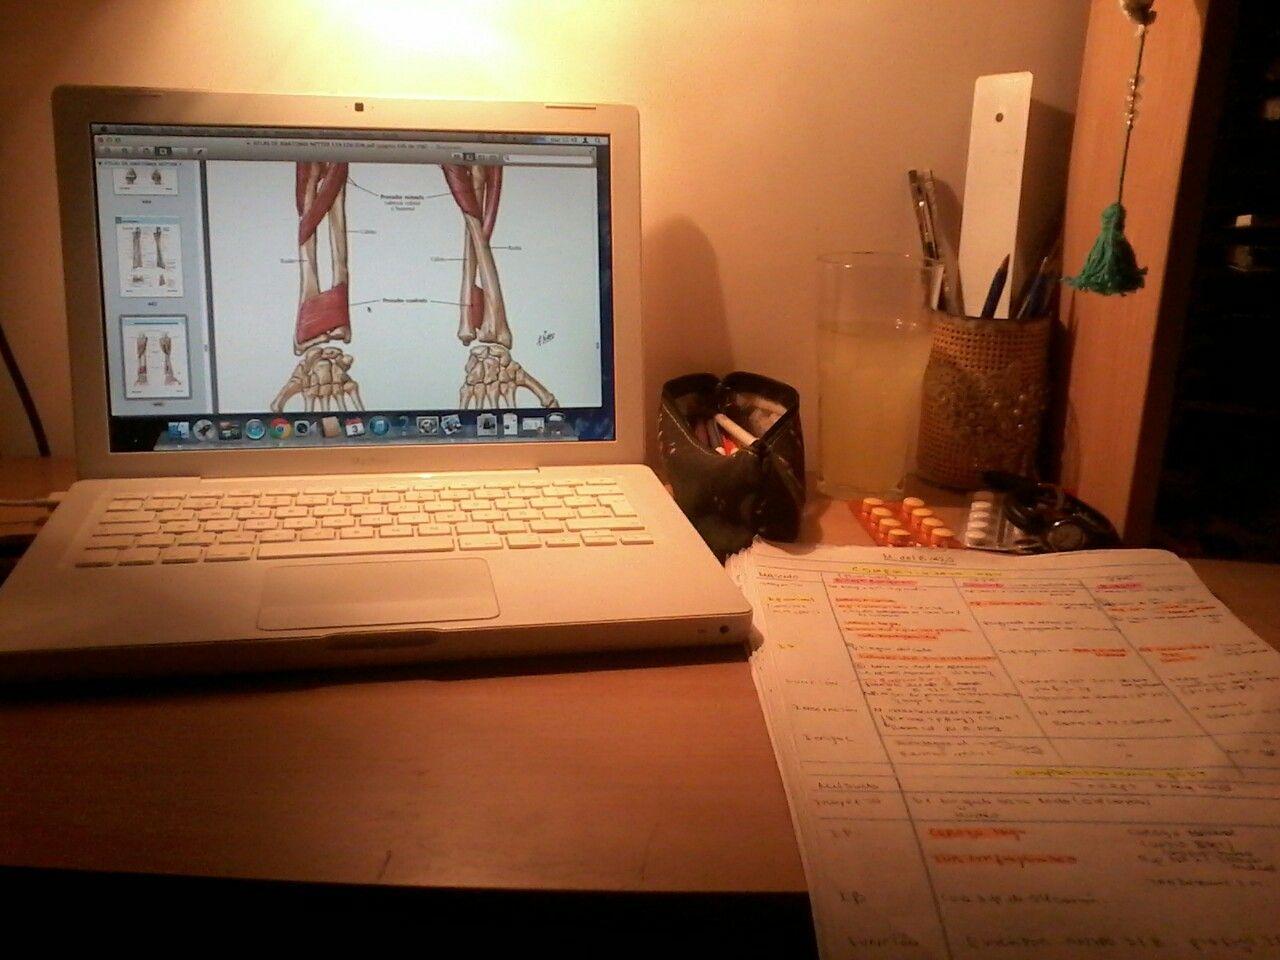 Estudiando Antebrazo... esto no termina más...